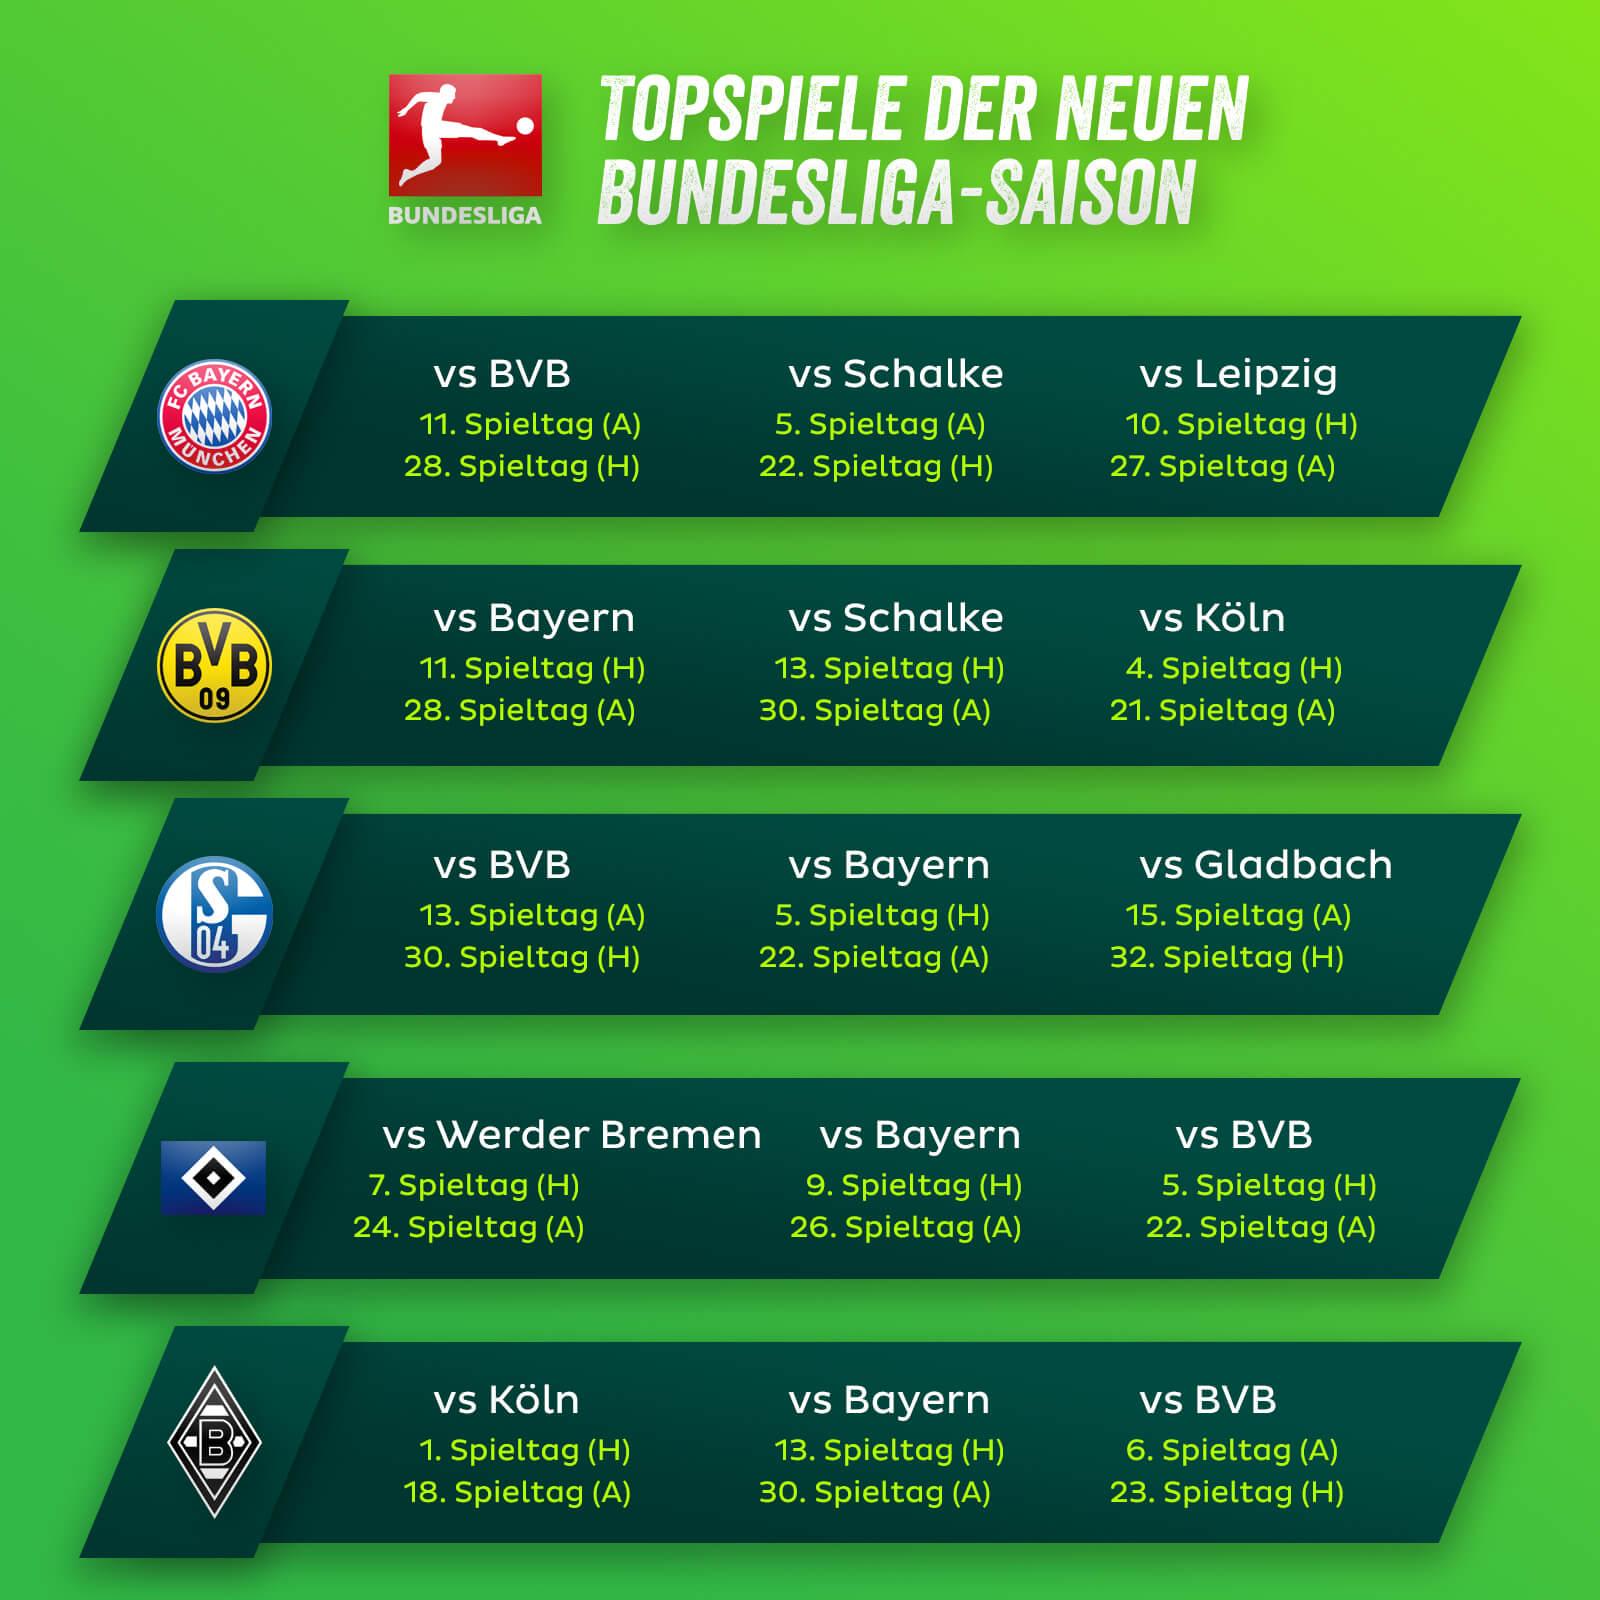 Neuer Bundesliga Spielplan Das Sind Die Topspiele Und Derbys